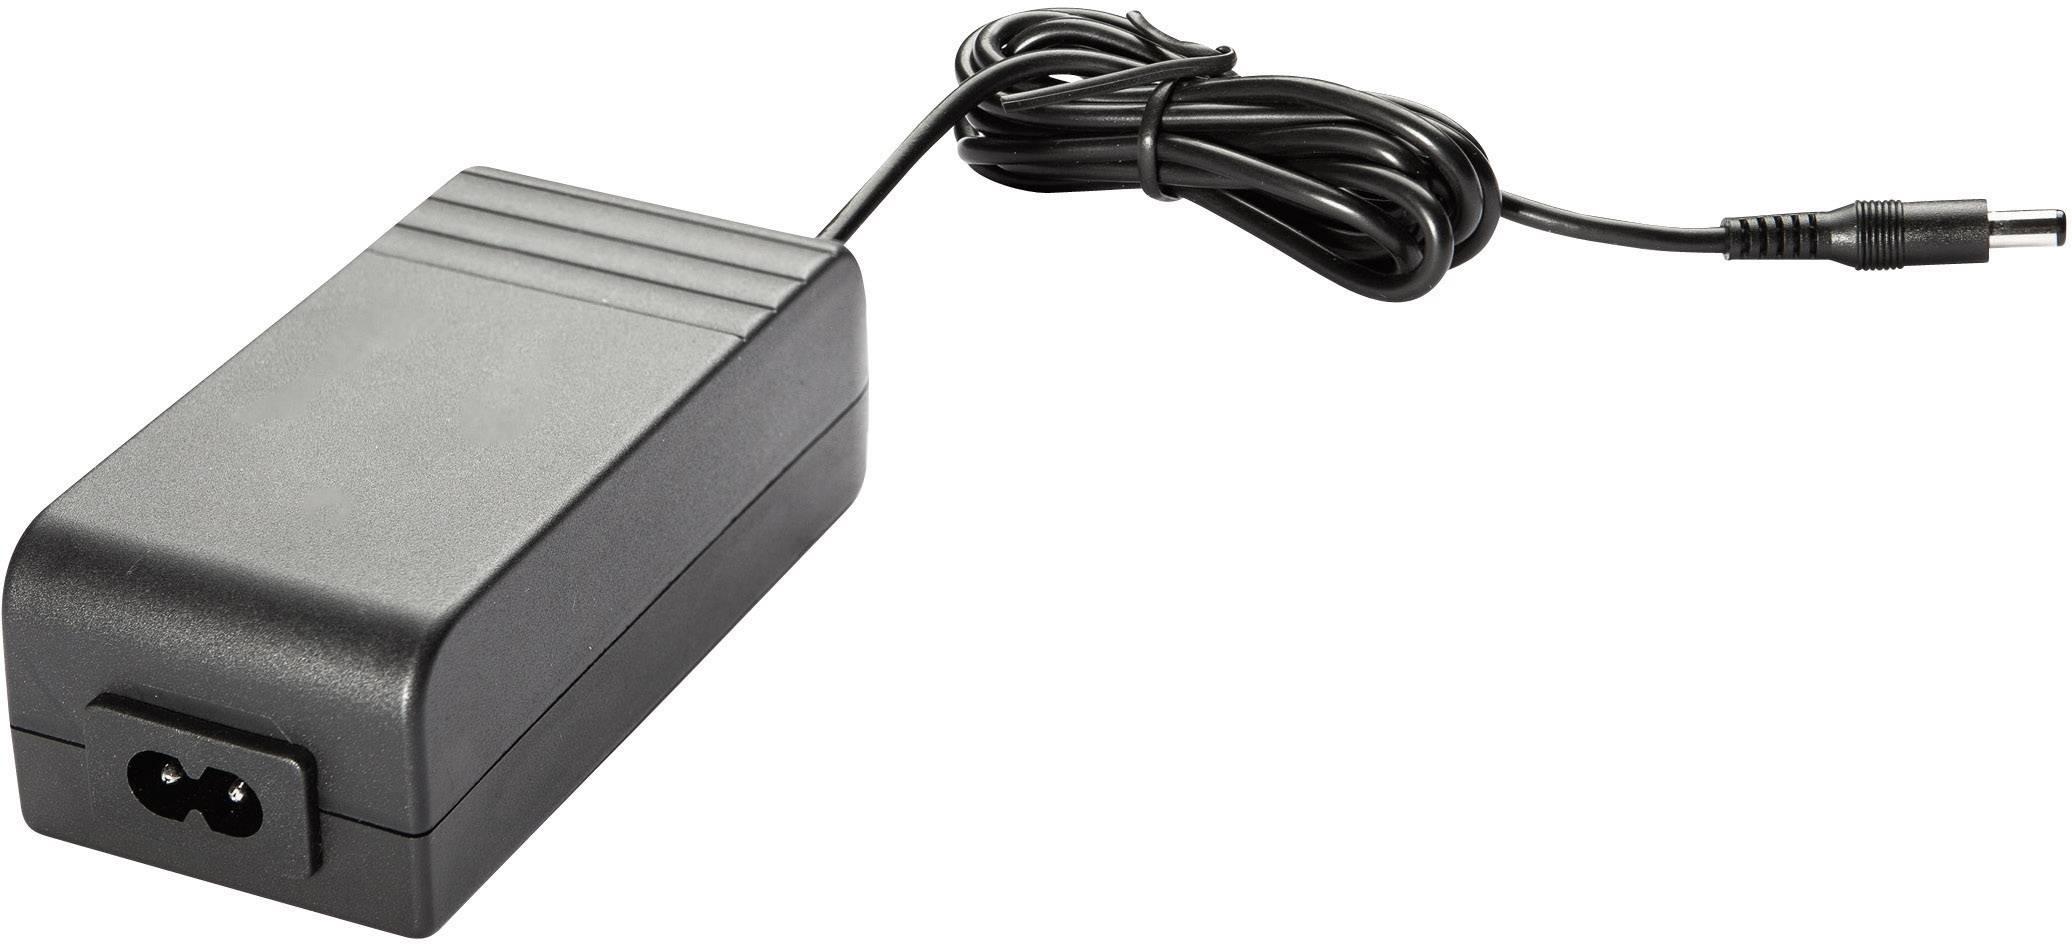 Síťový adaptér Egston E2DFMW3, 5 VDC, 30 W